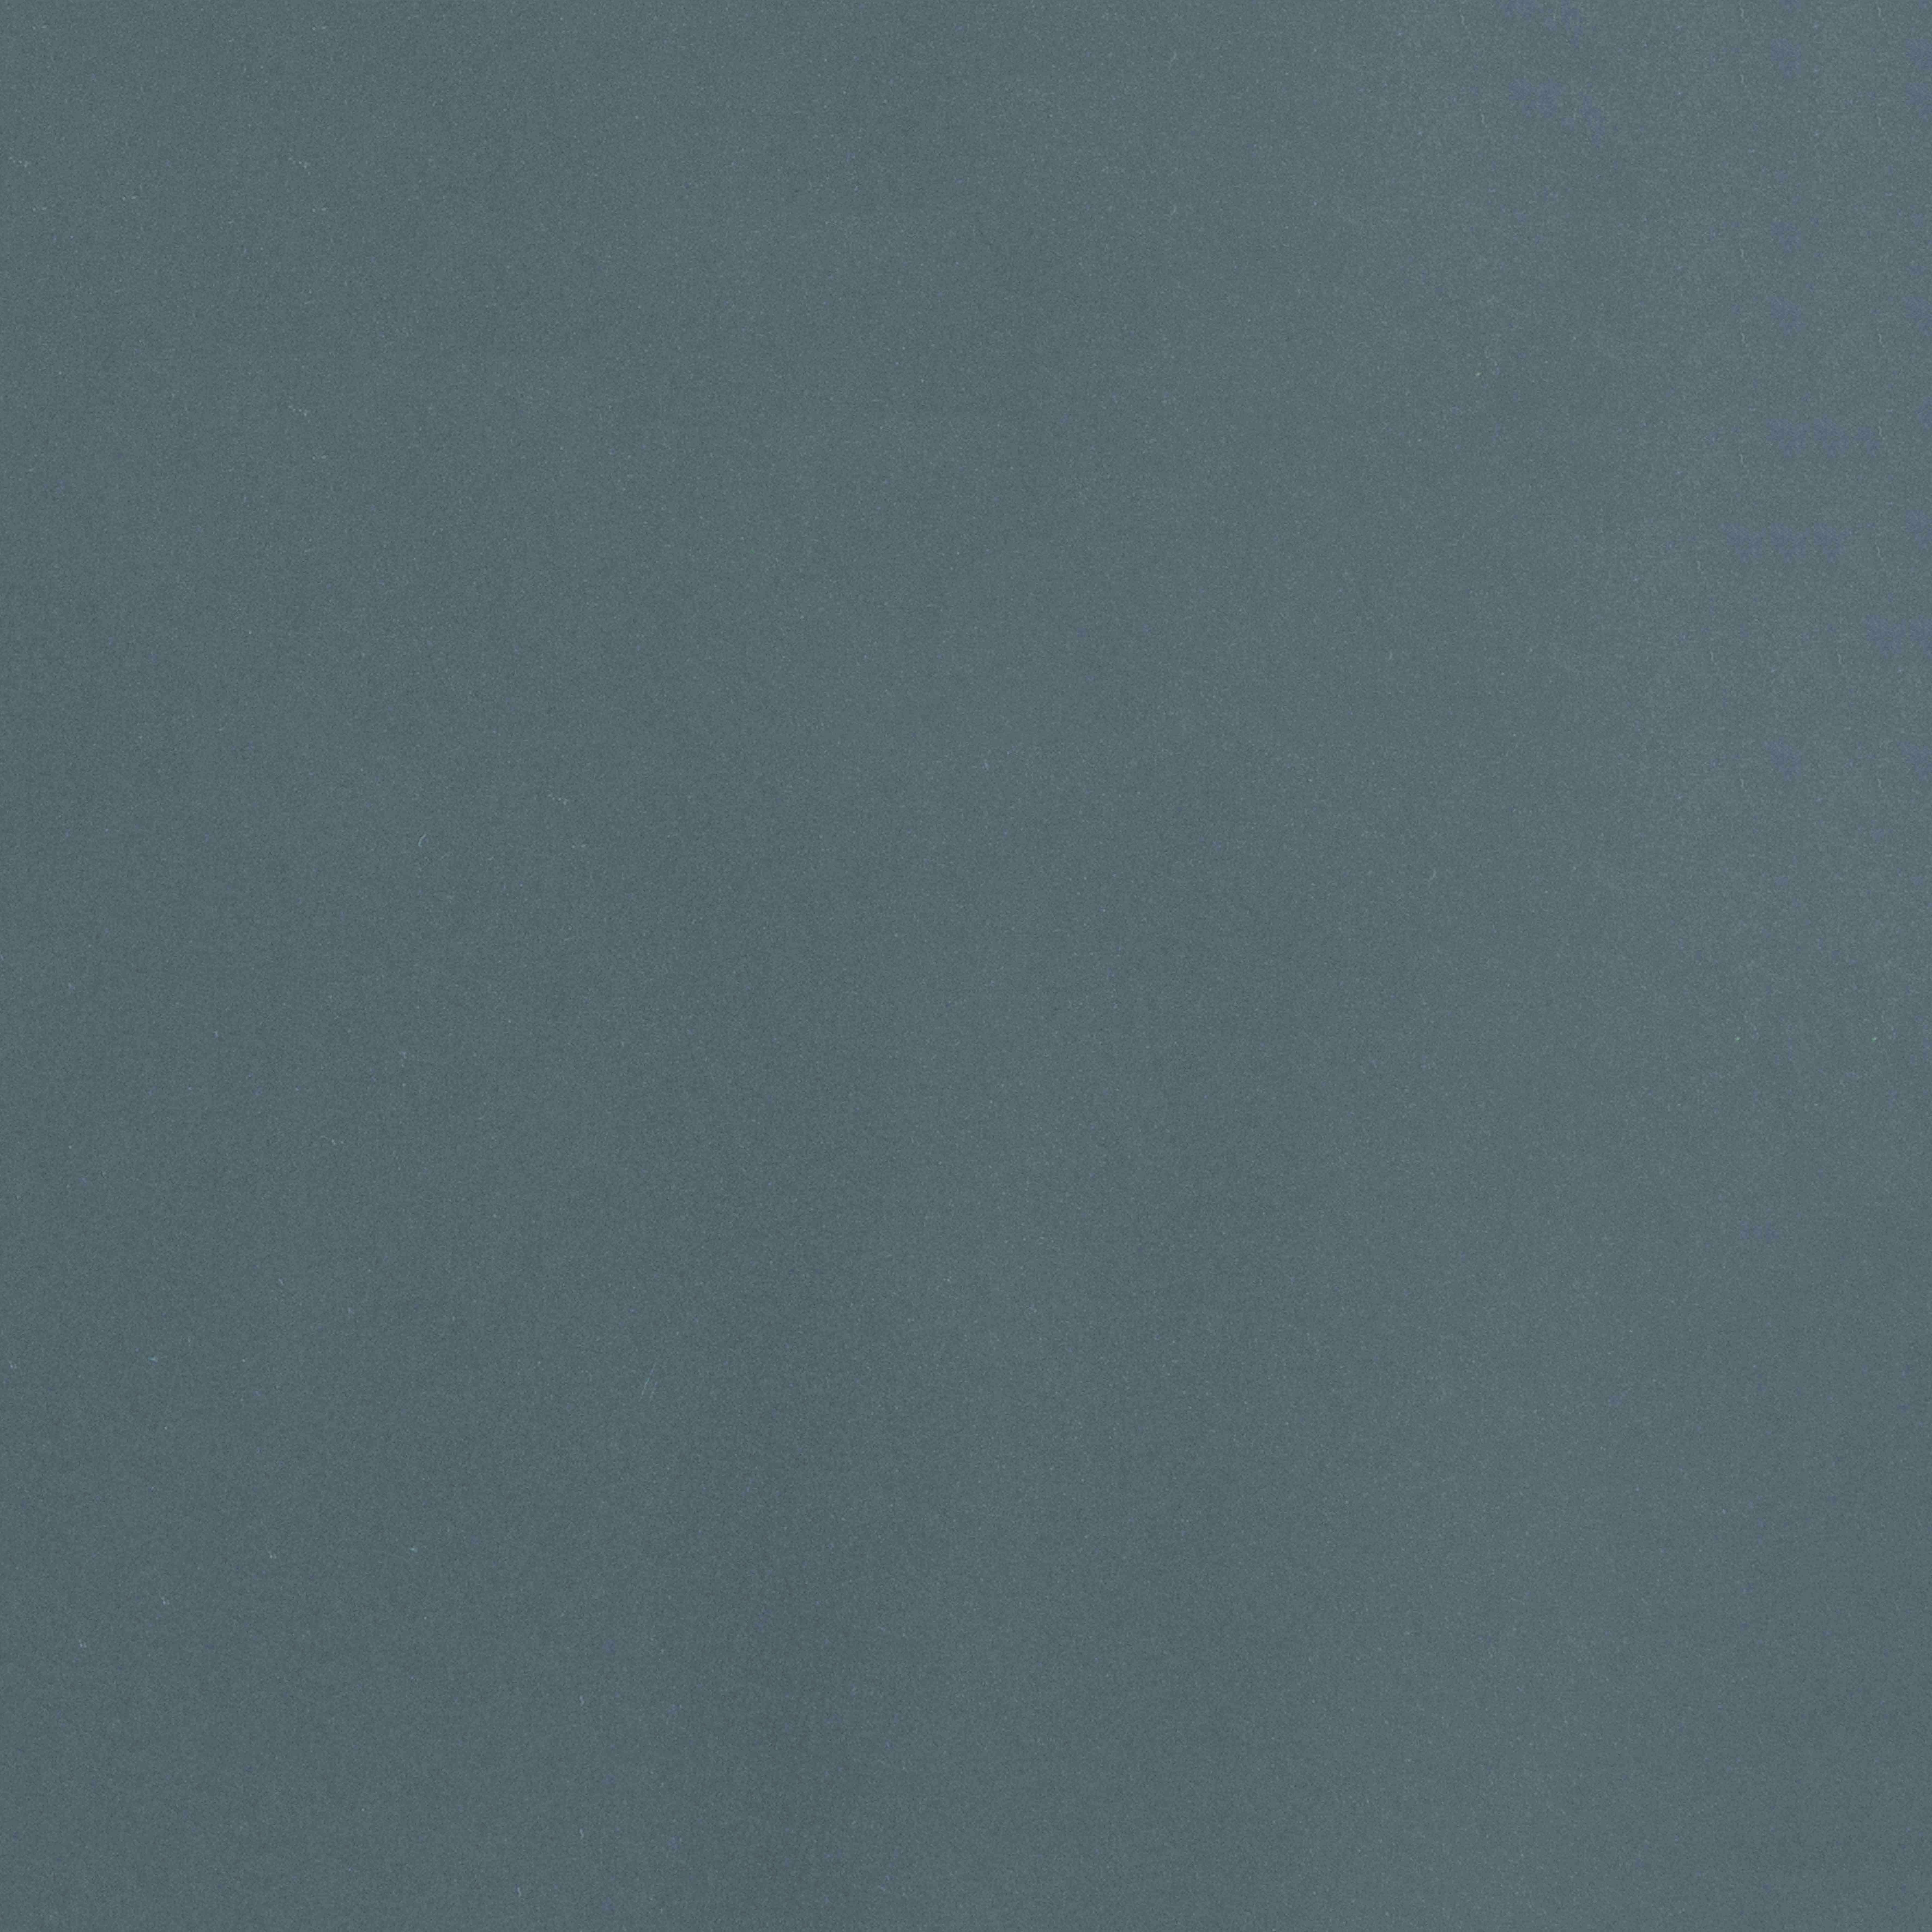 JLR113 Dark Grey Glazed Satin Finish 20x20